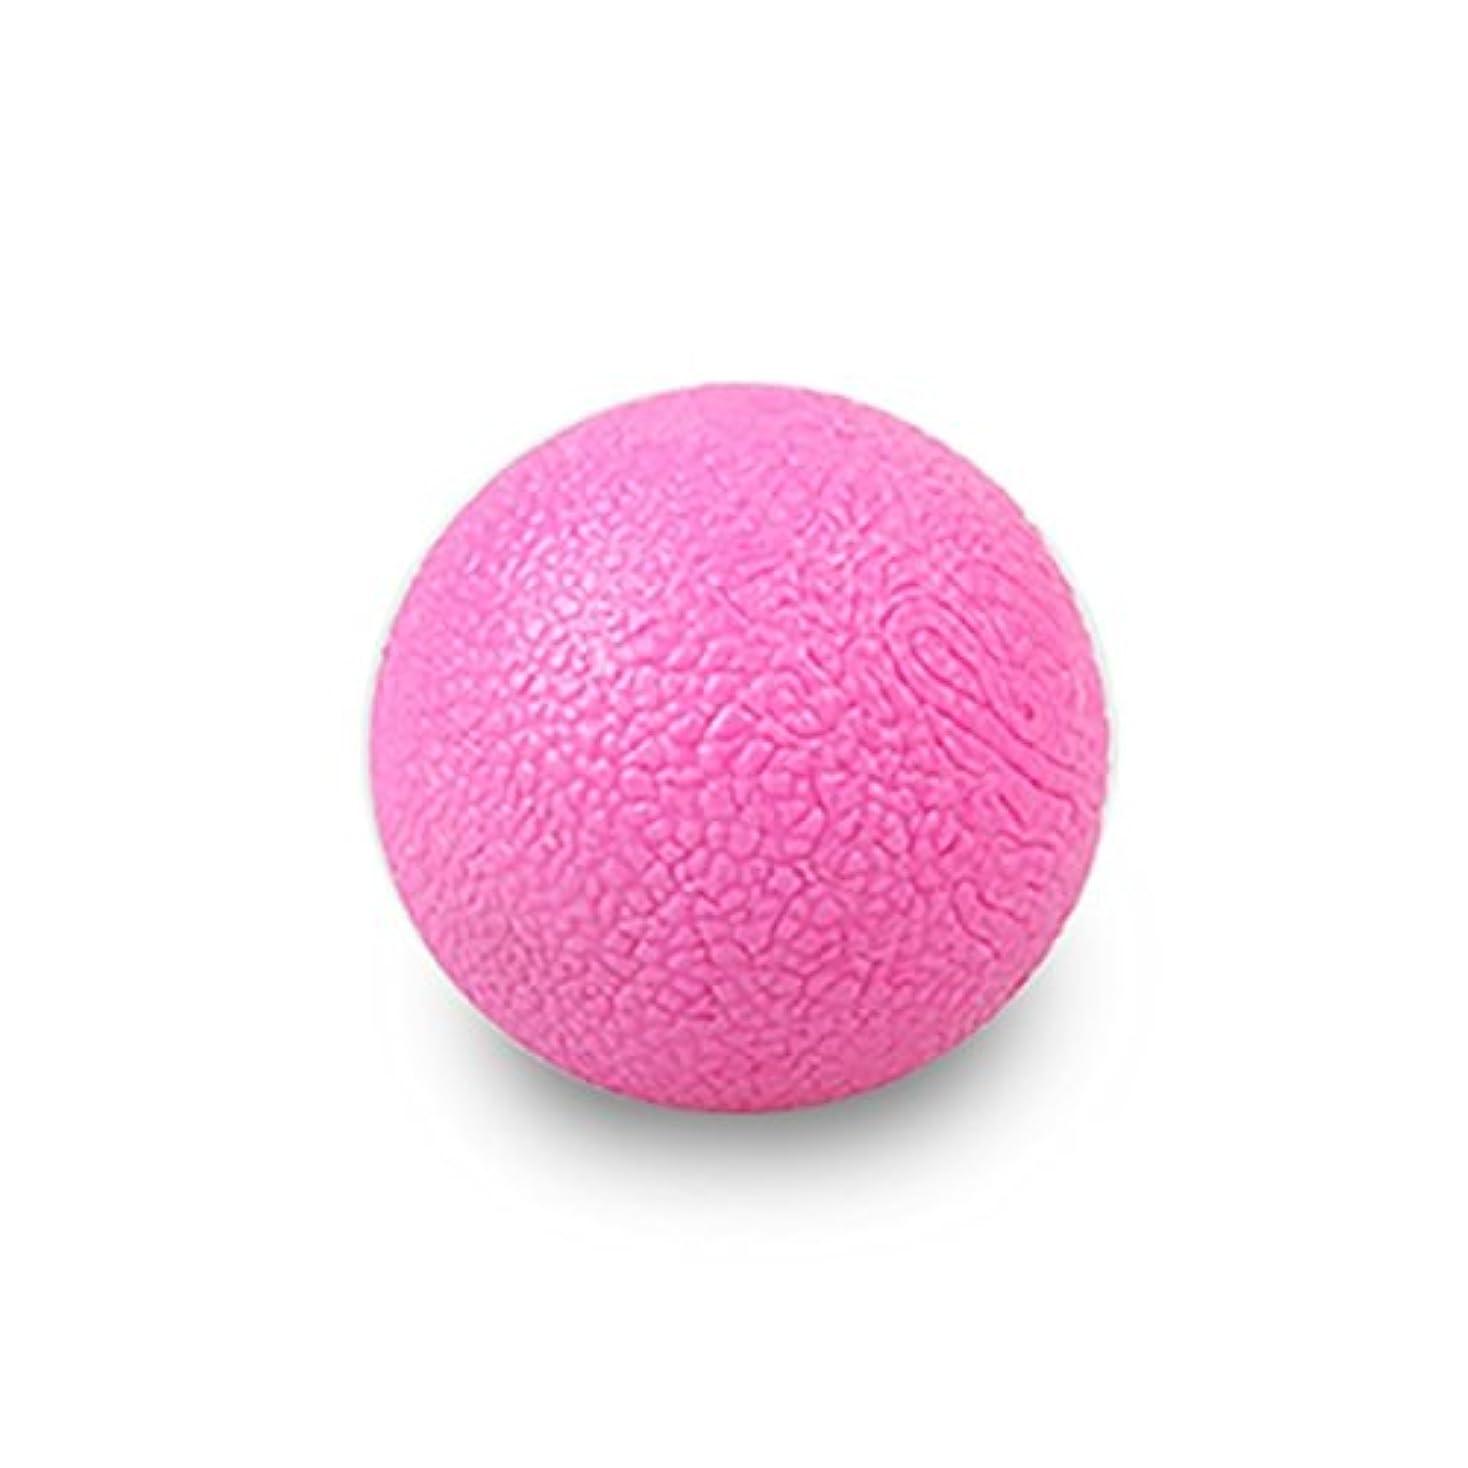 創造飼料今までShape Up UPnShape ミニ マッサージ ボール (4.7 インチ)/ストレッチ、ヨガ リハビリテーション腰痛首 (ピンク)